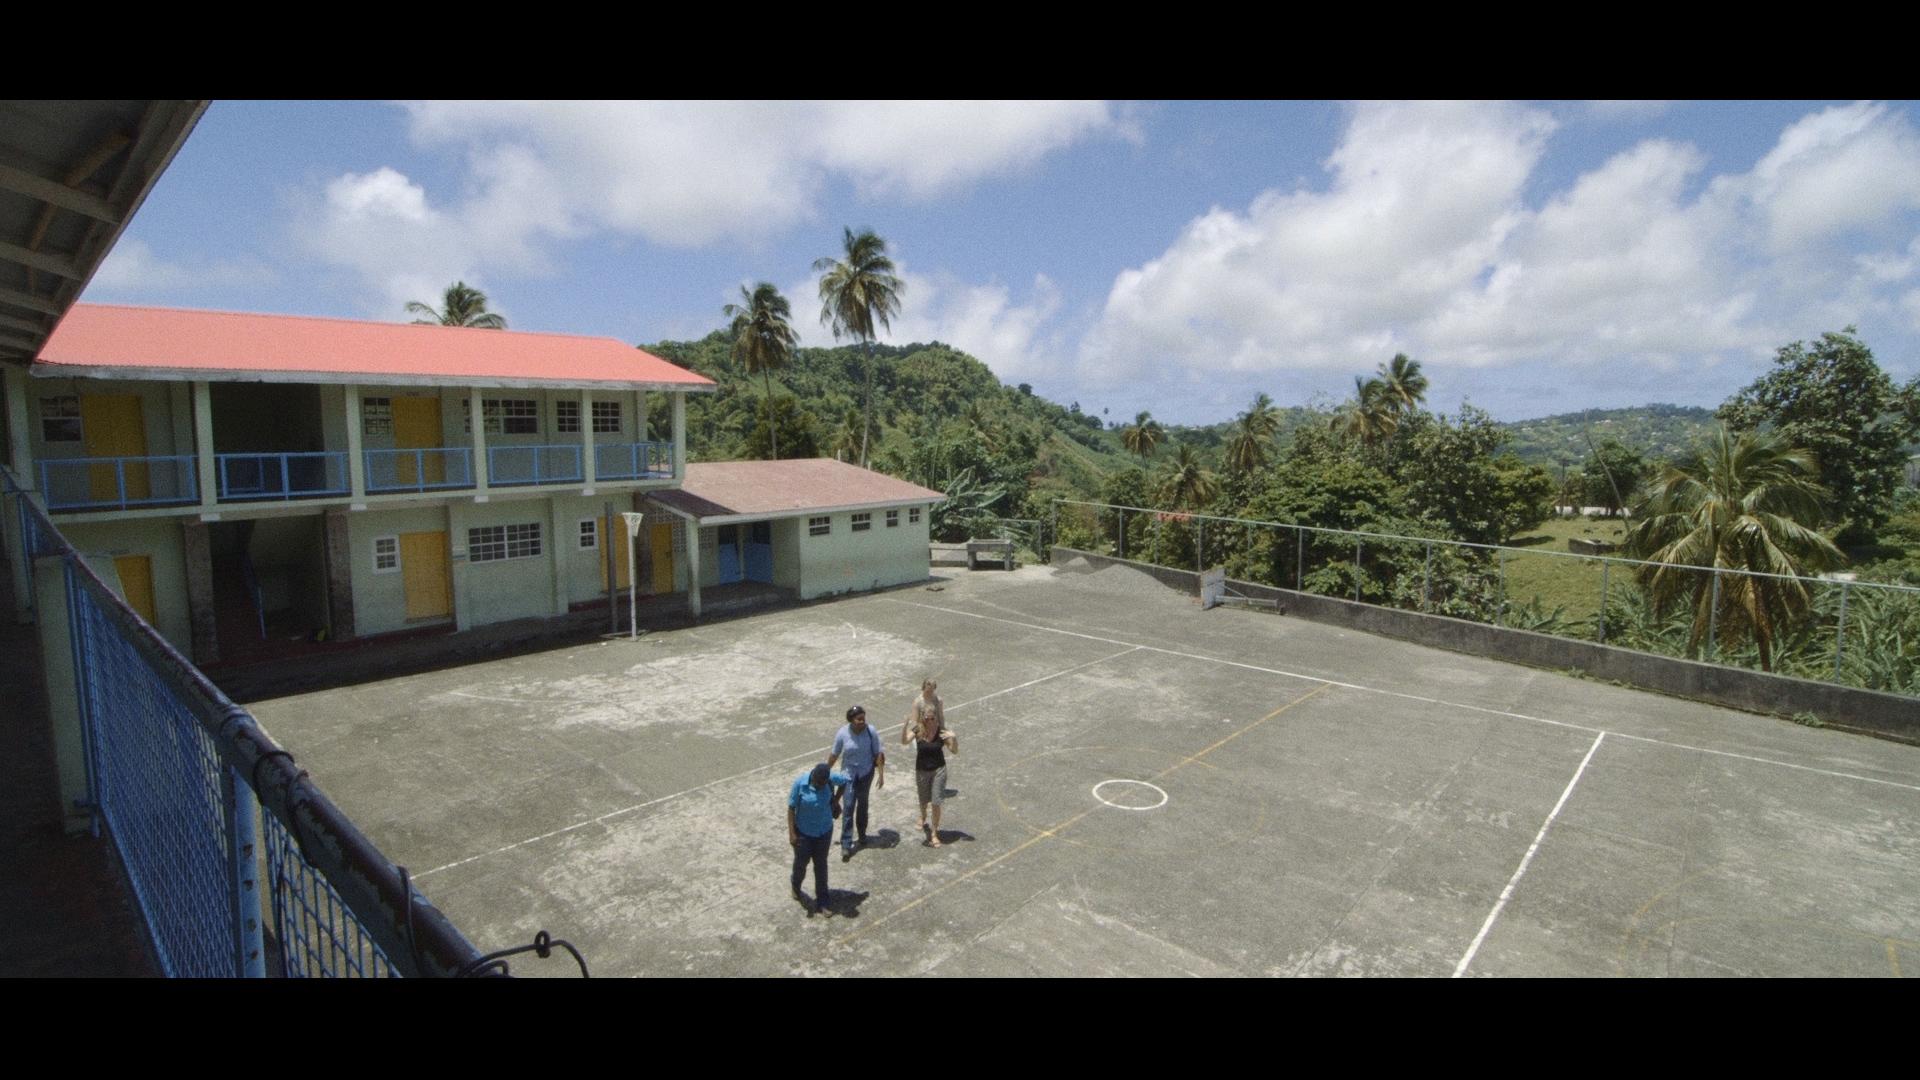 Park Hill School - Video Still